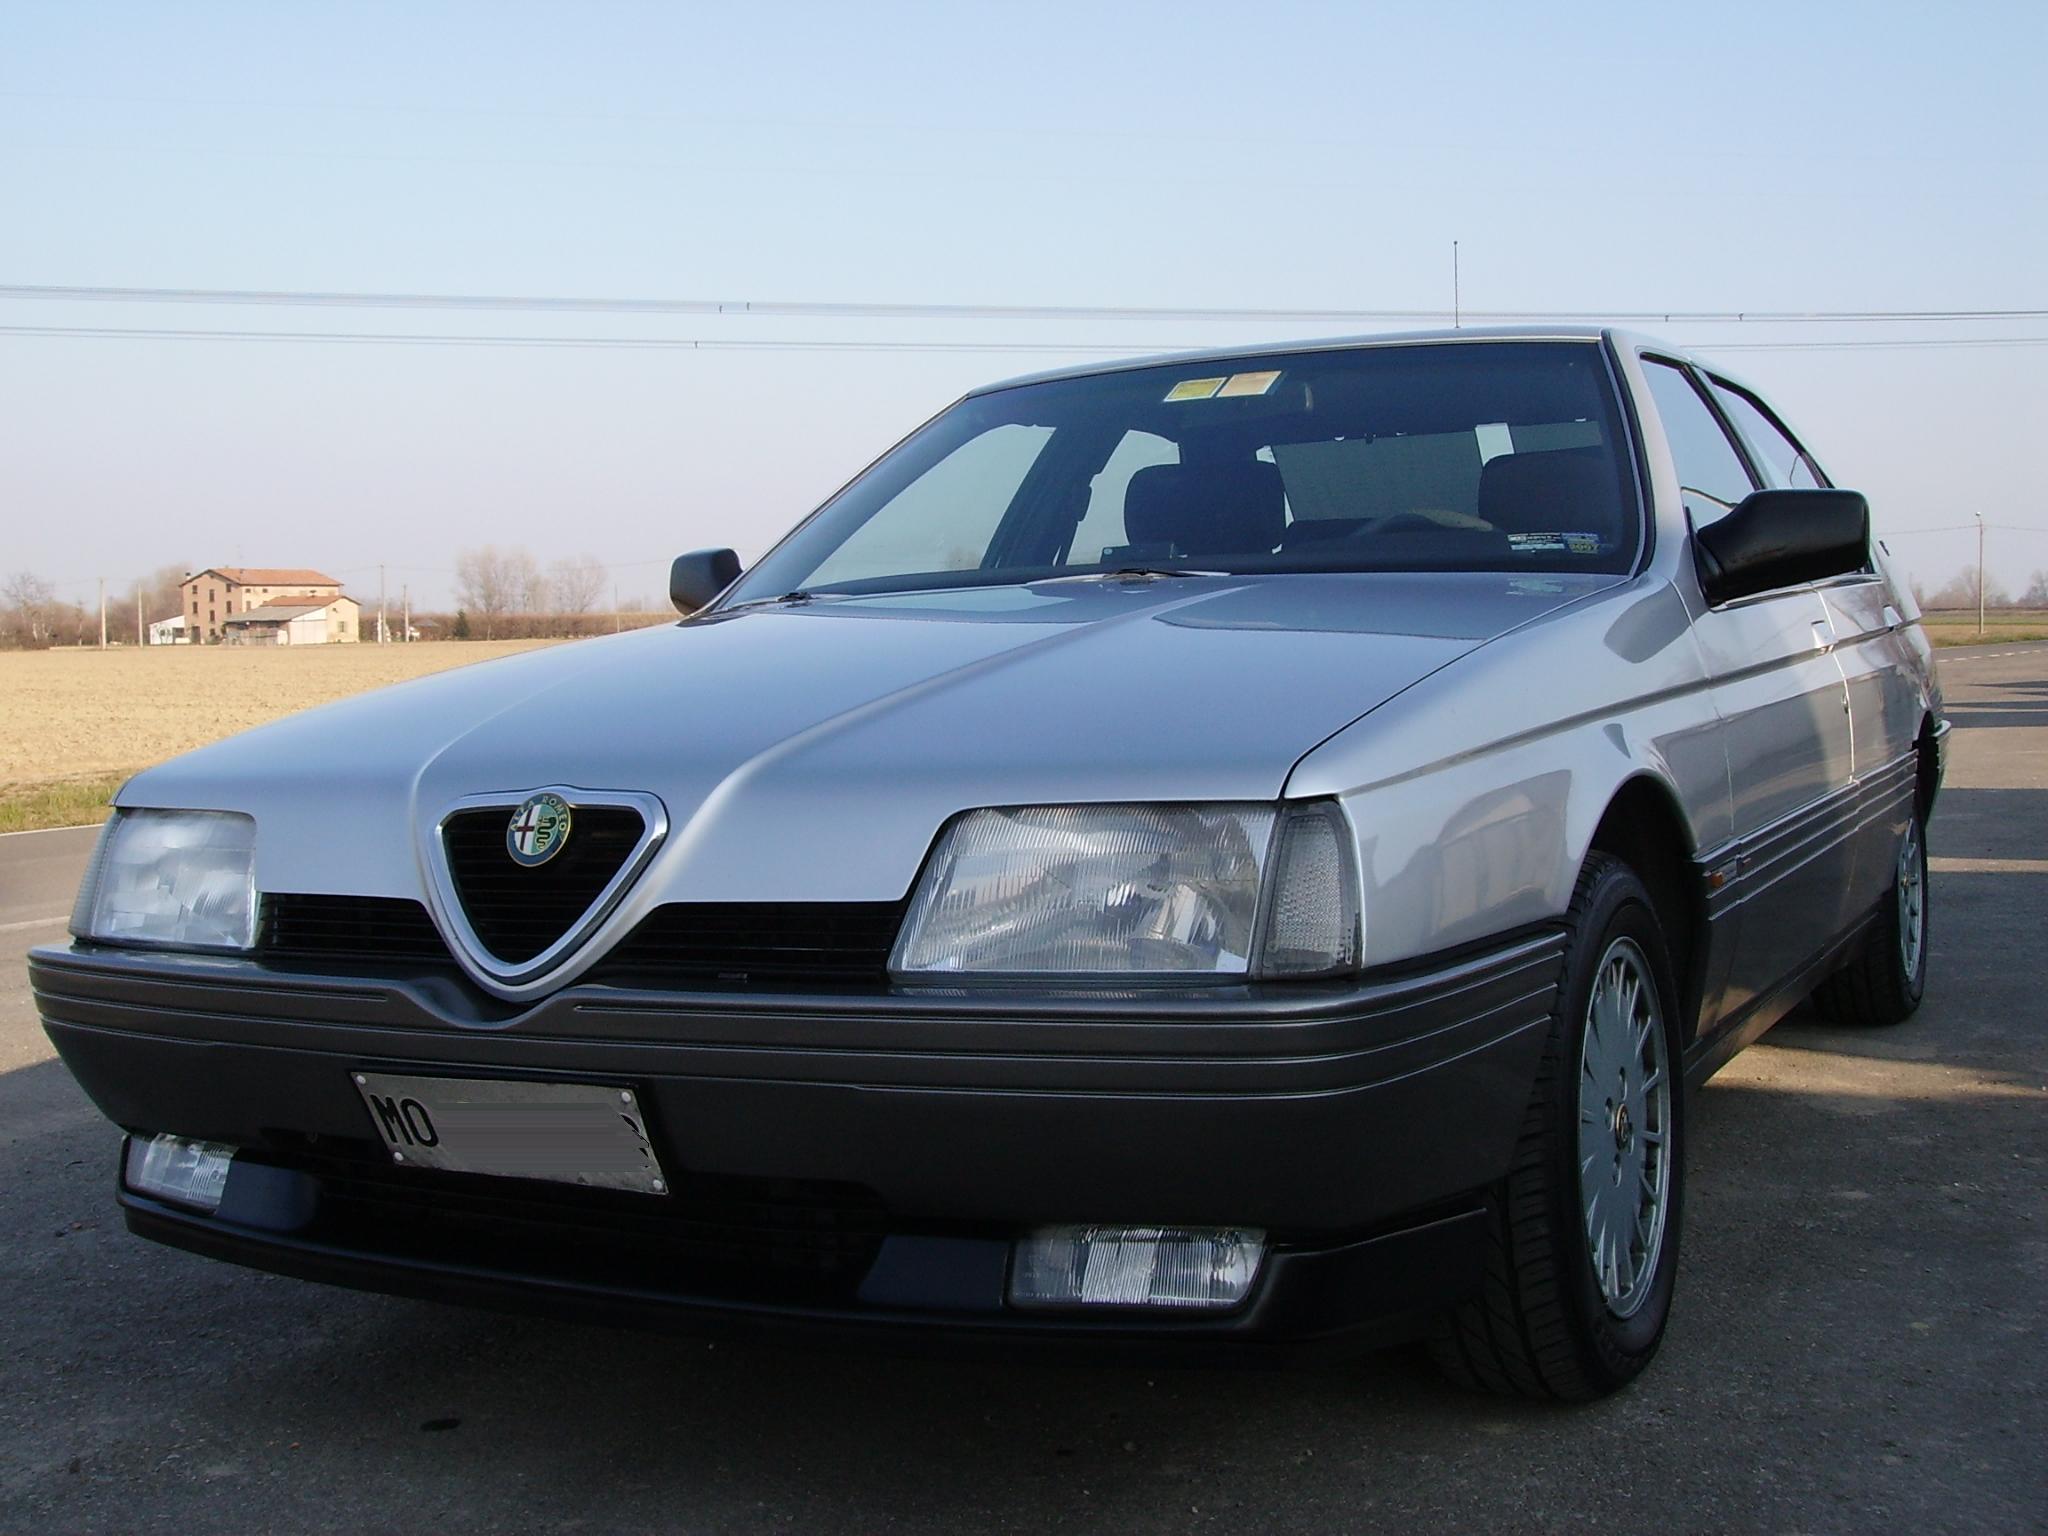 Alfa Romeo 164 >> Alfa Romeo 164 Wikipedia Den Frie Encyklopaedi